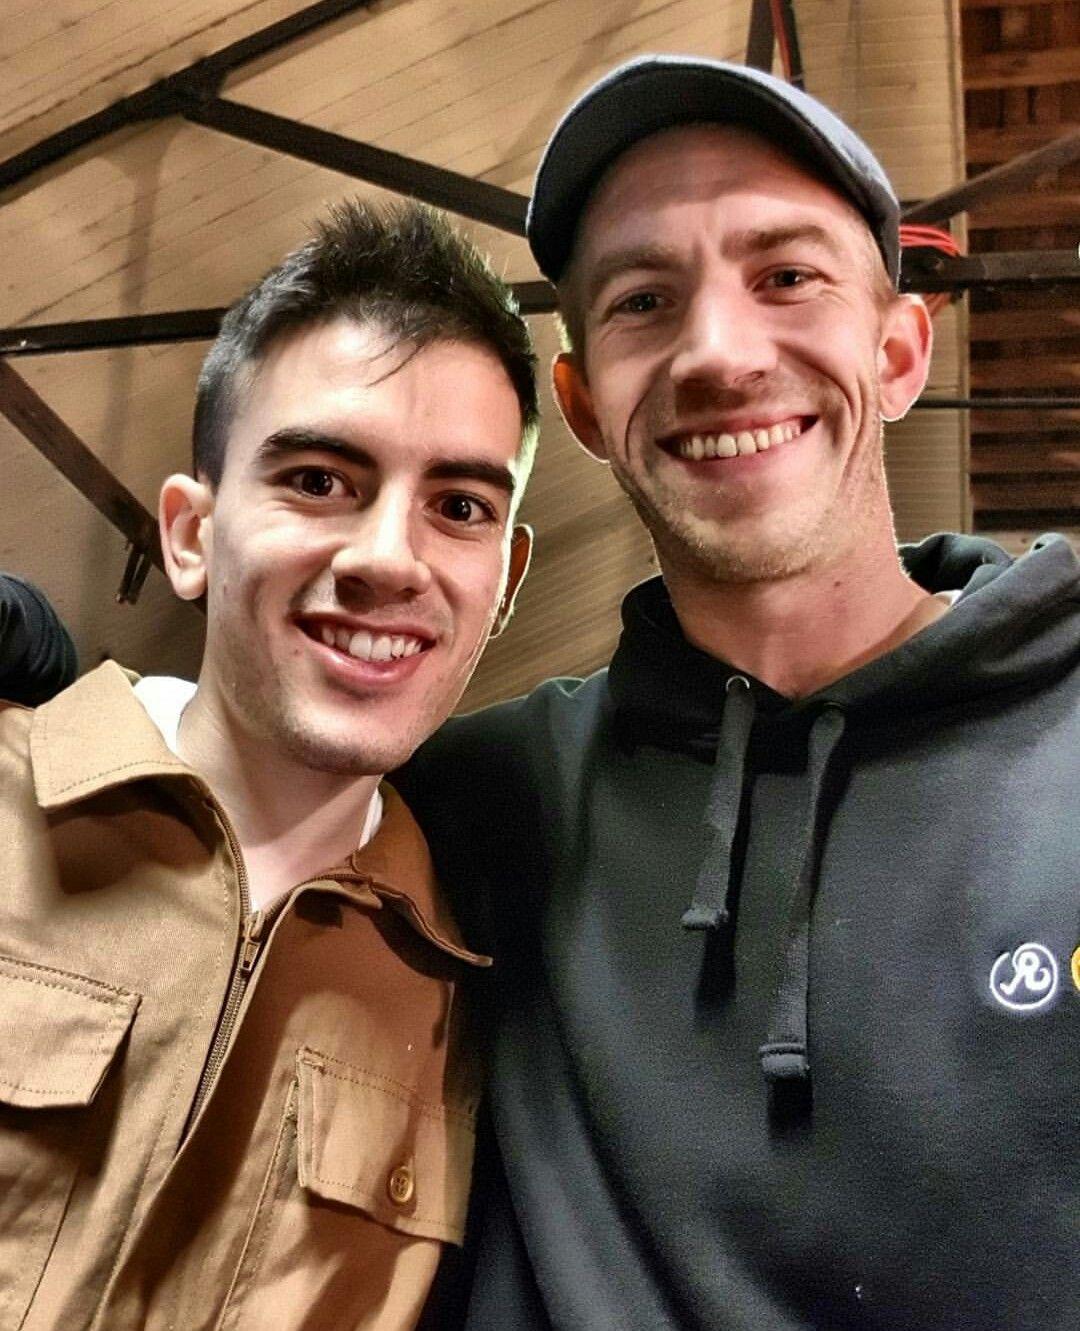 Danny D - Jordi and Danny D